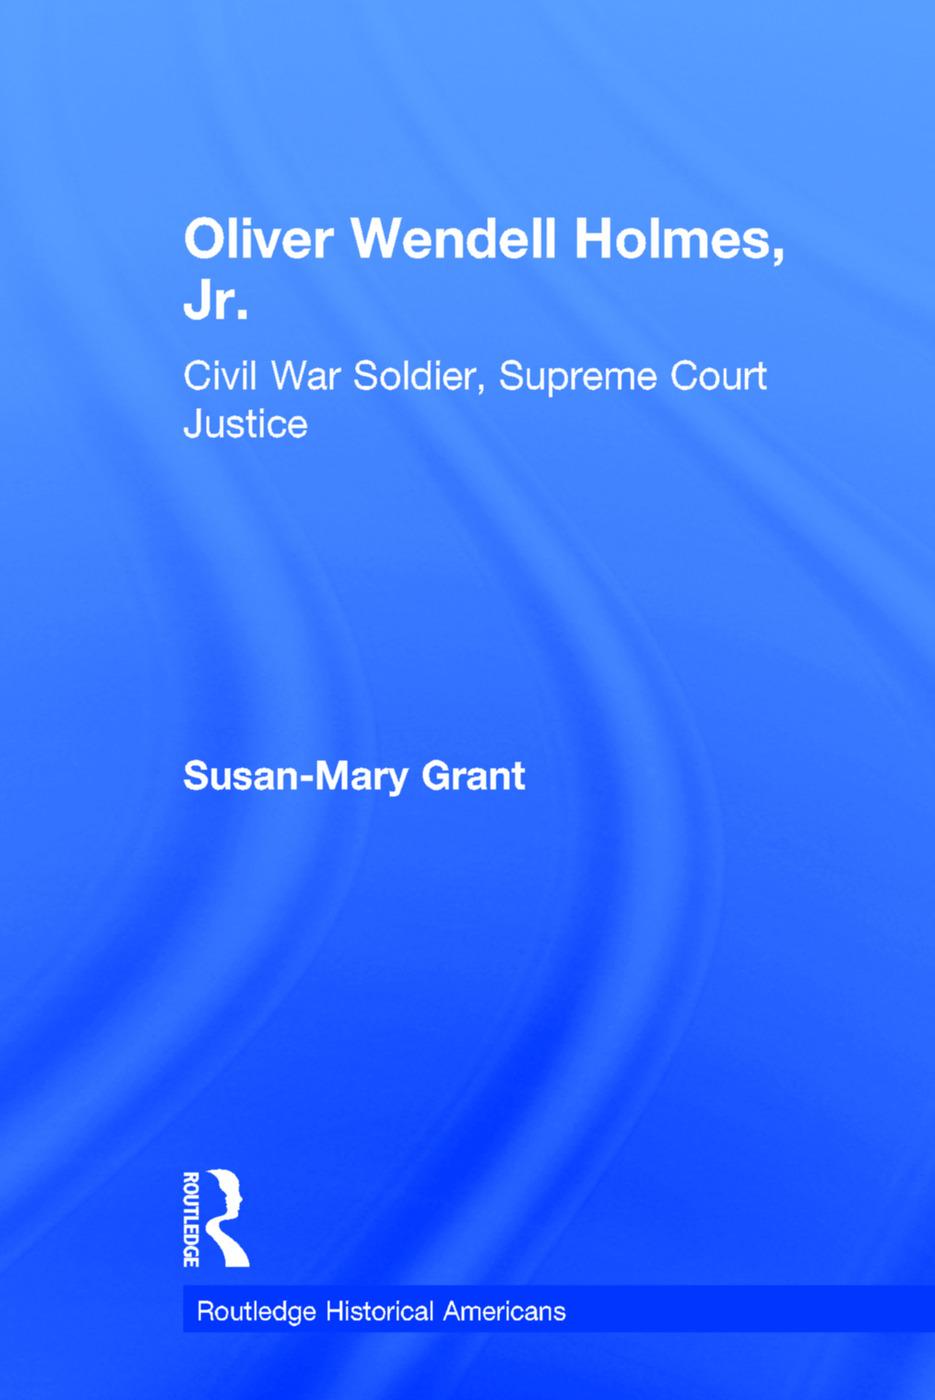 Oliver Wendell Holmes, Jr.: Civil War Soldier, Supreme Court Justice book cover